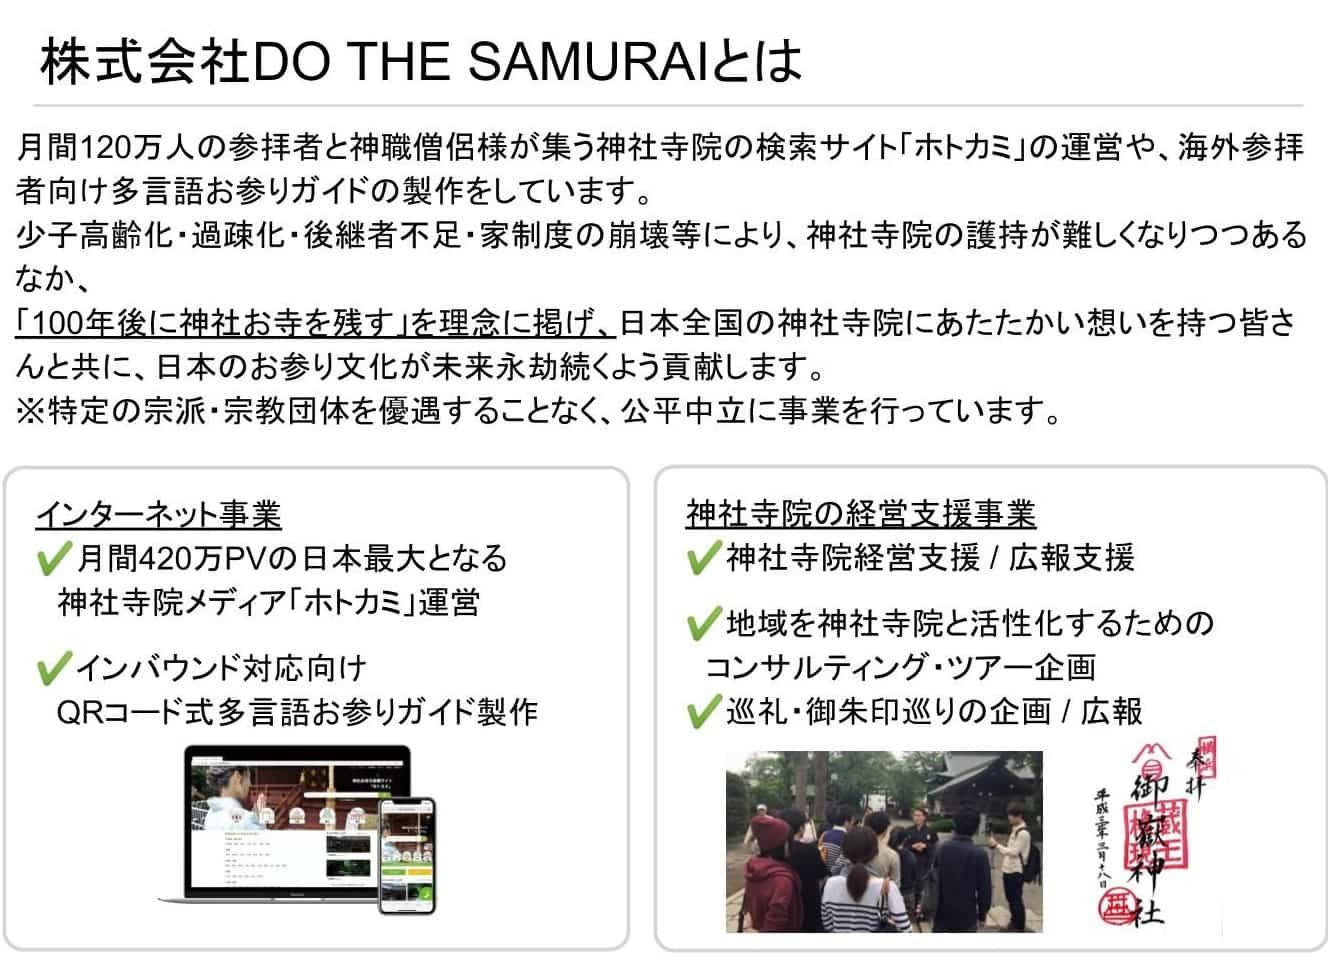 株式会社DO THE SAMURAIの紹介